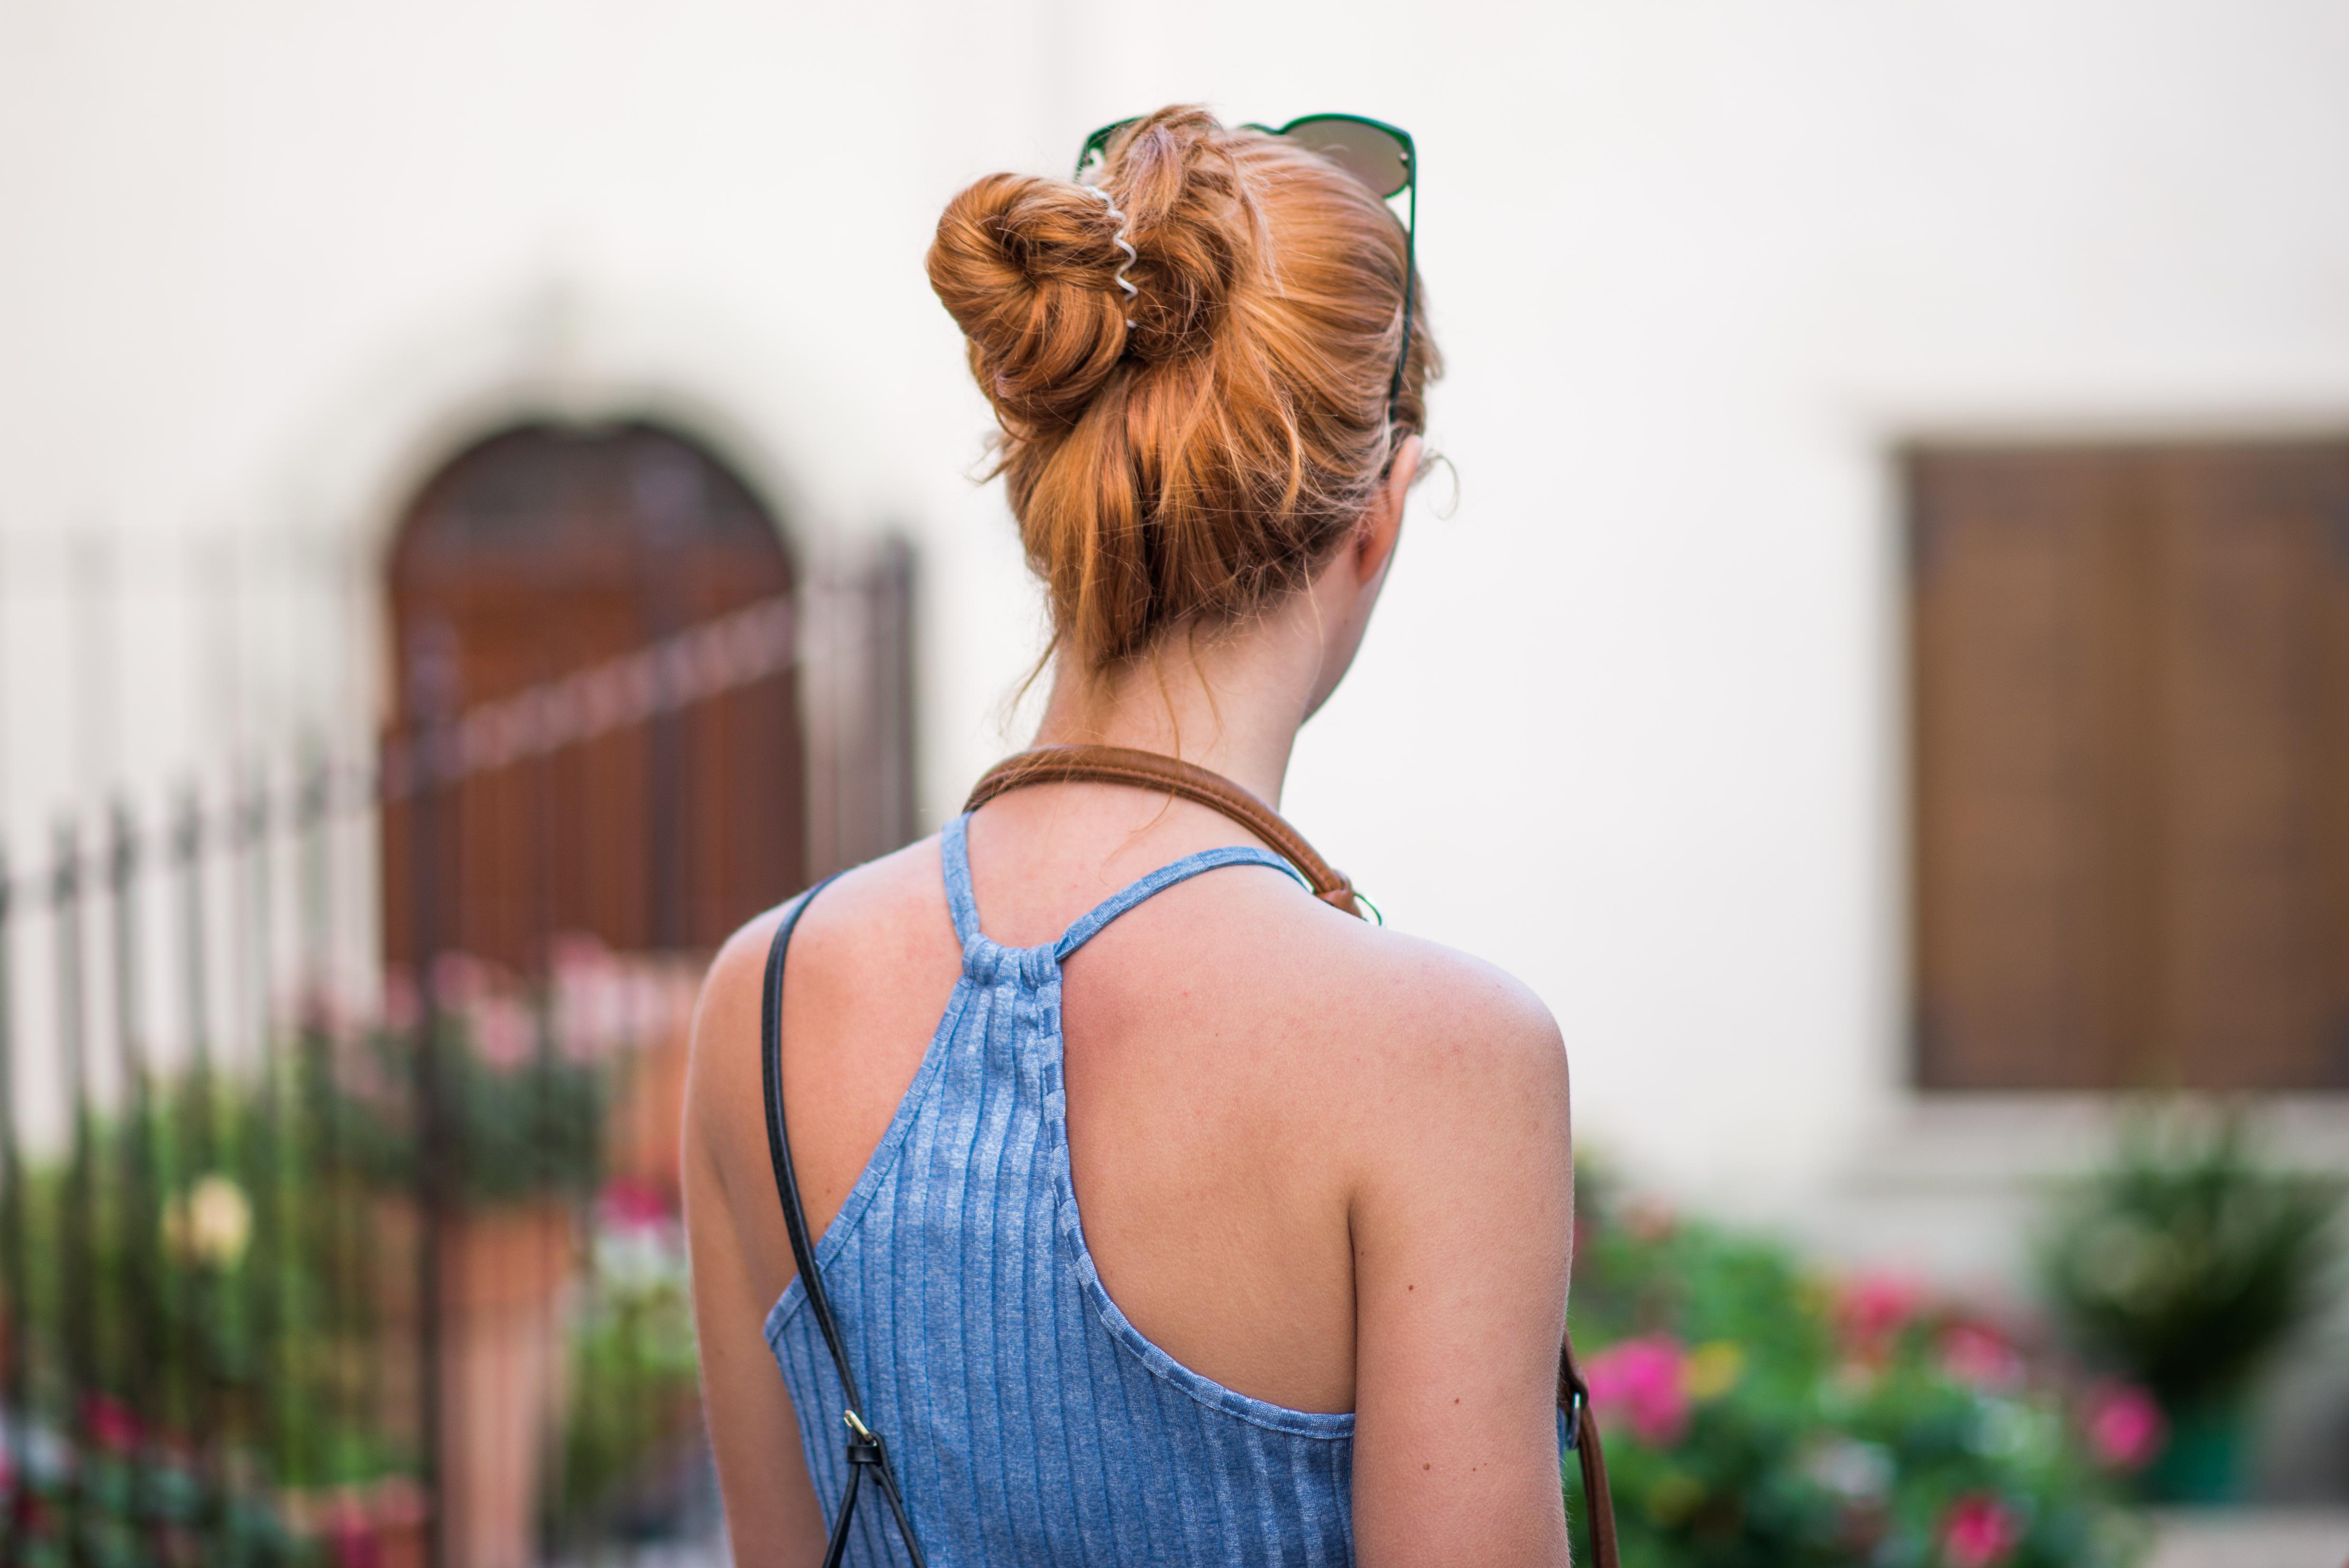 Fashionblog-Fashionblogger-Fashion-Blog-Blogger-Lifestyle-Interior-Interieur-Küche-Kitchen-Lindarella-Linda-Rella-32